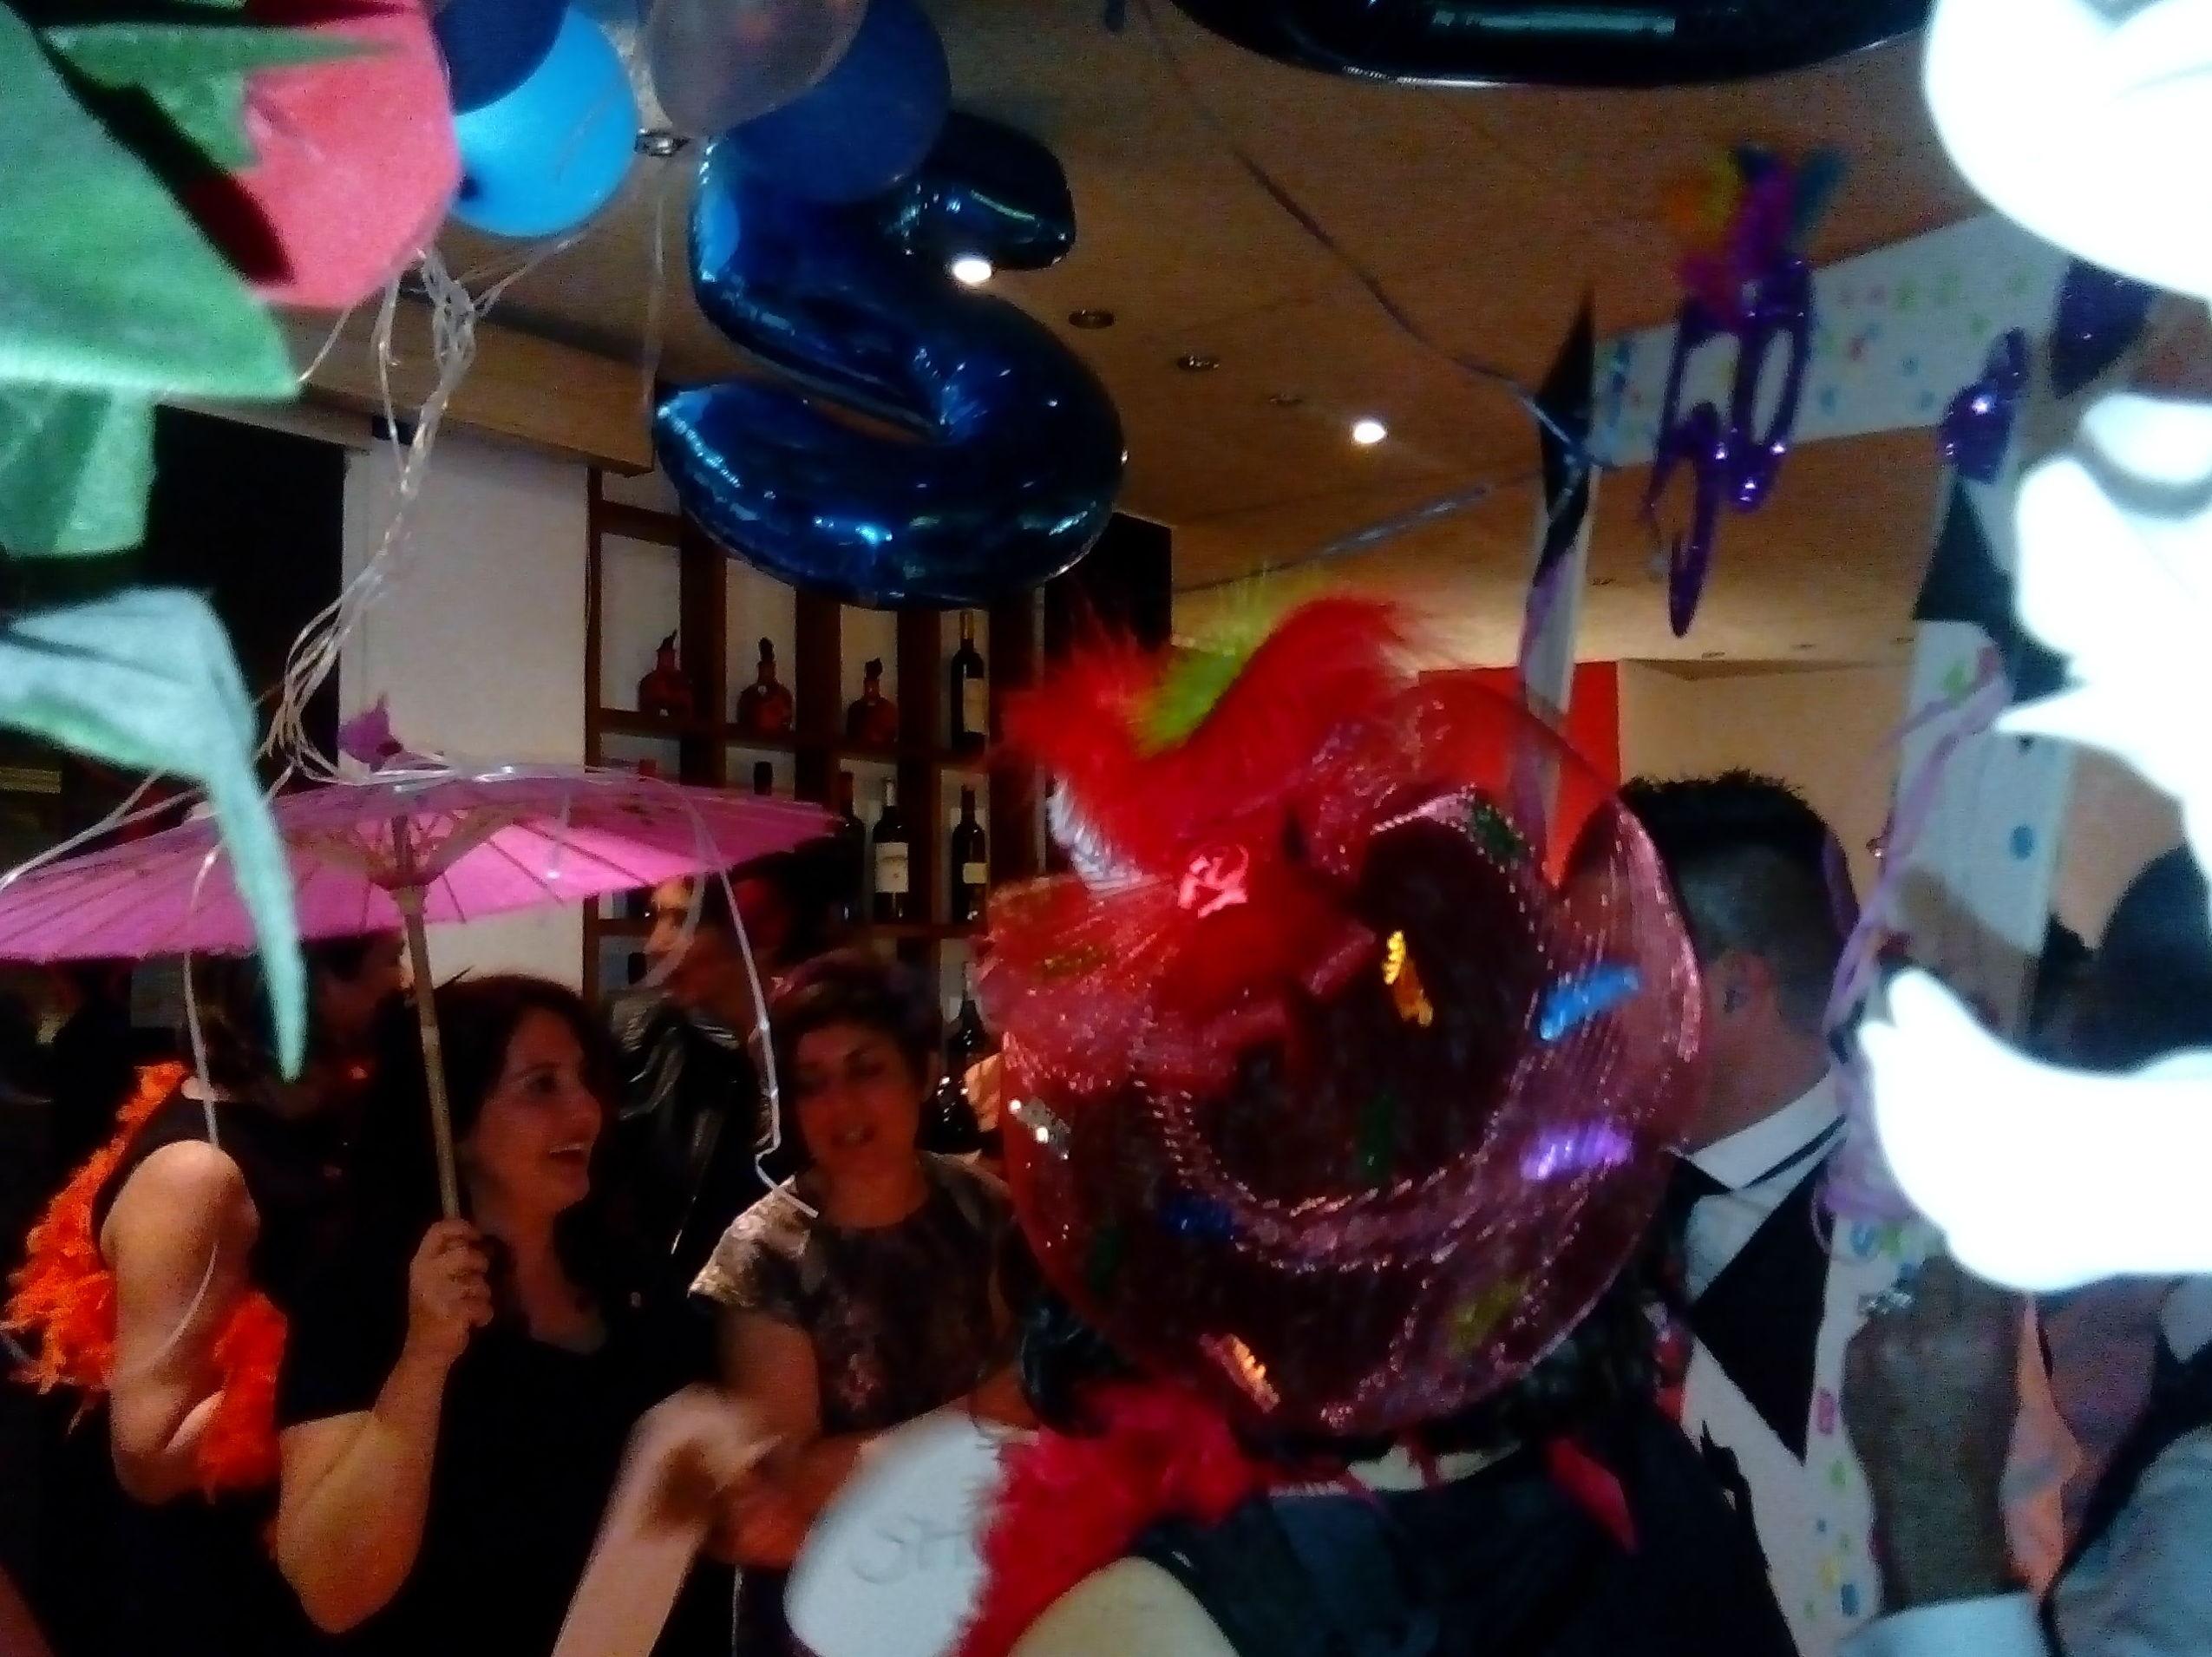 Foto 24 de Restaurante en Valencia | LOURDES ILLUECA DOBÓN